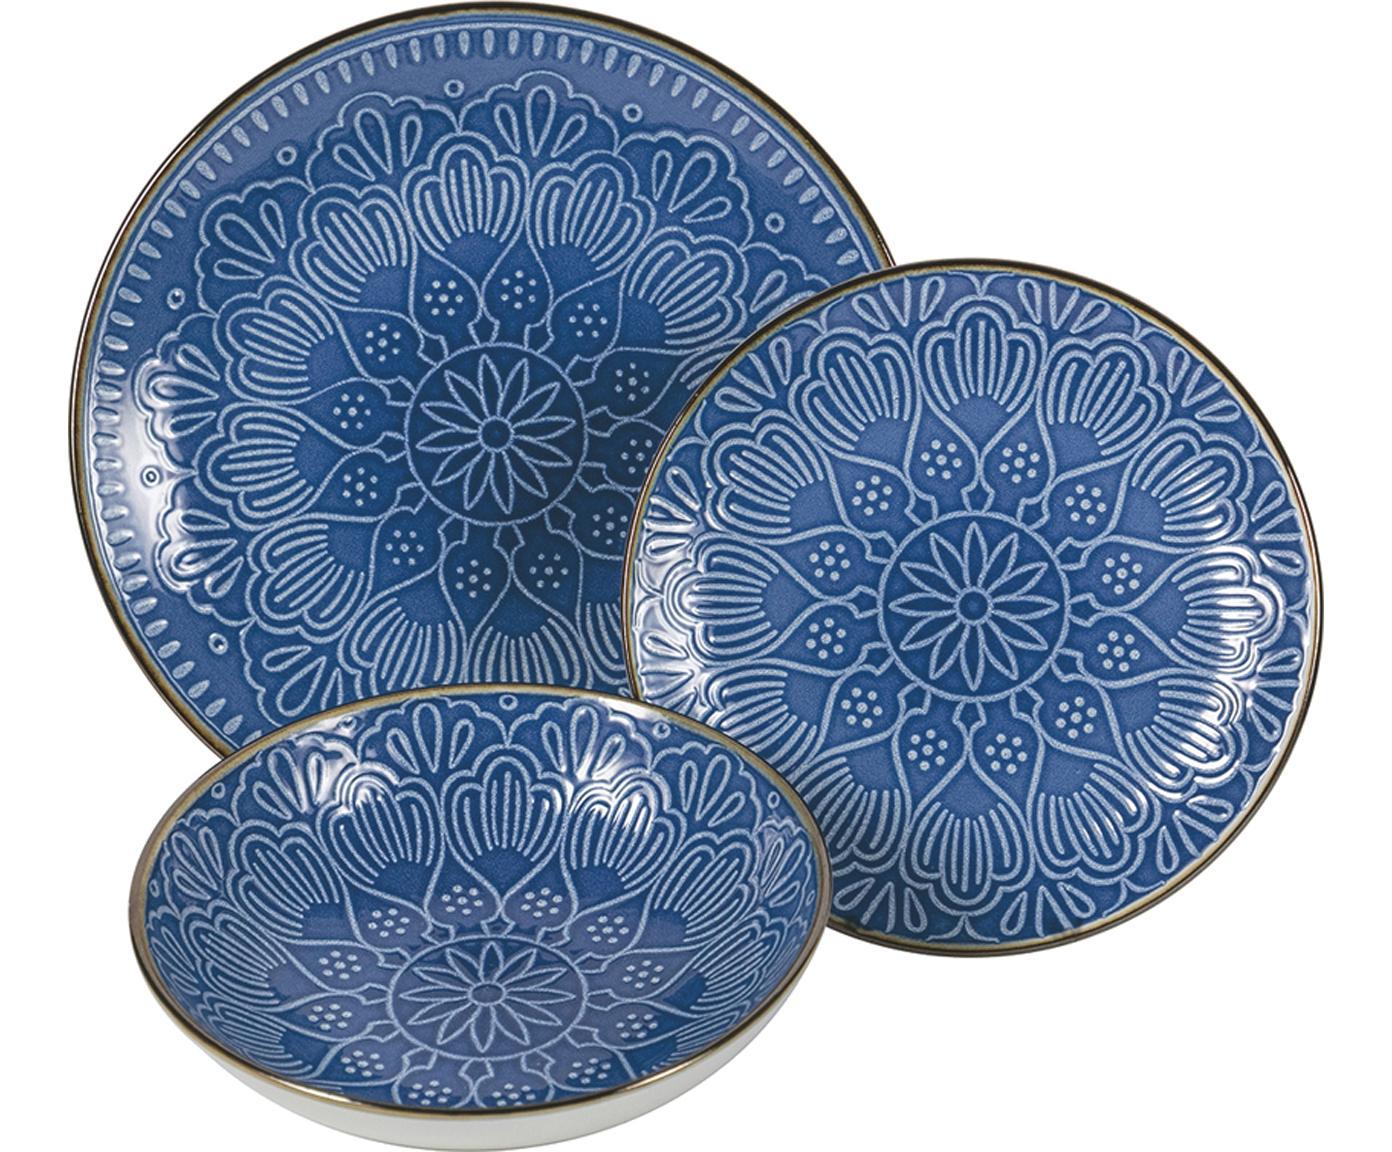 Set piatti per 6 persone Baku (18 pezzi), Ceramica, Blu, Set in varie misure